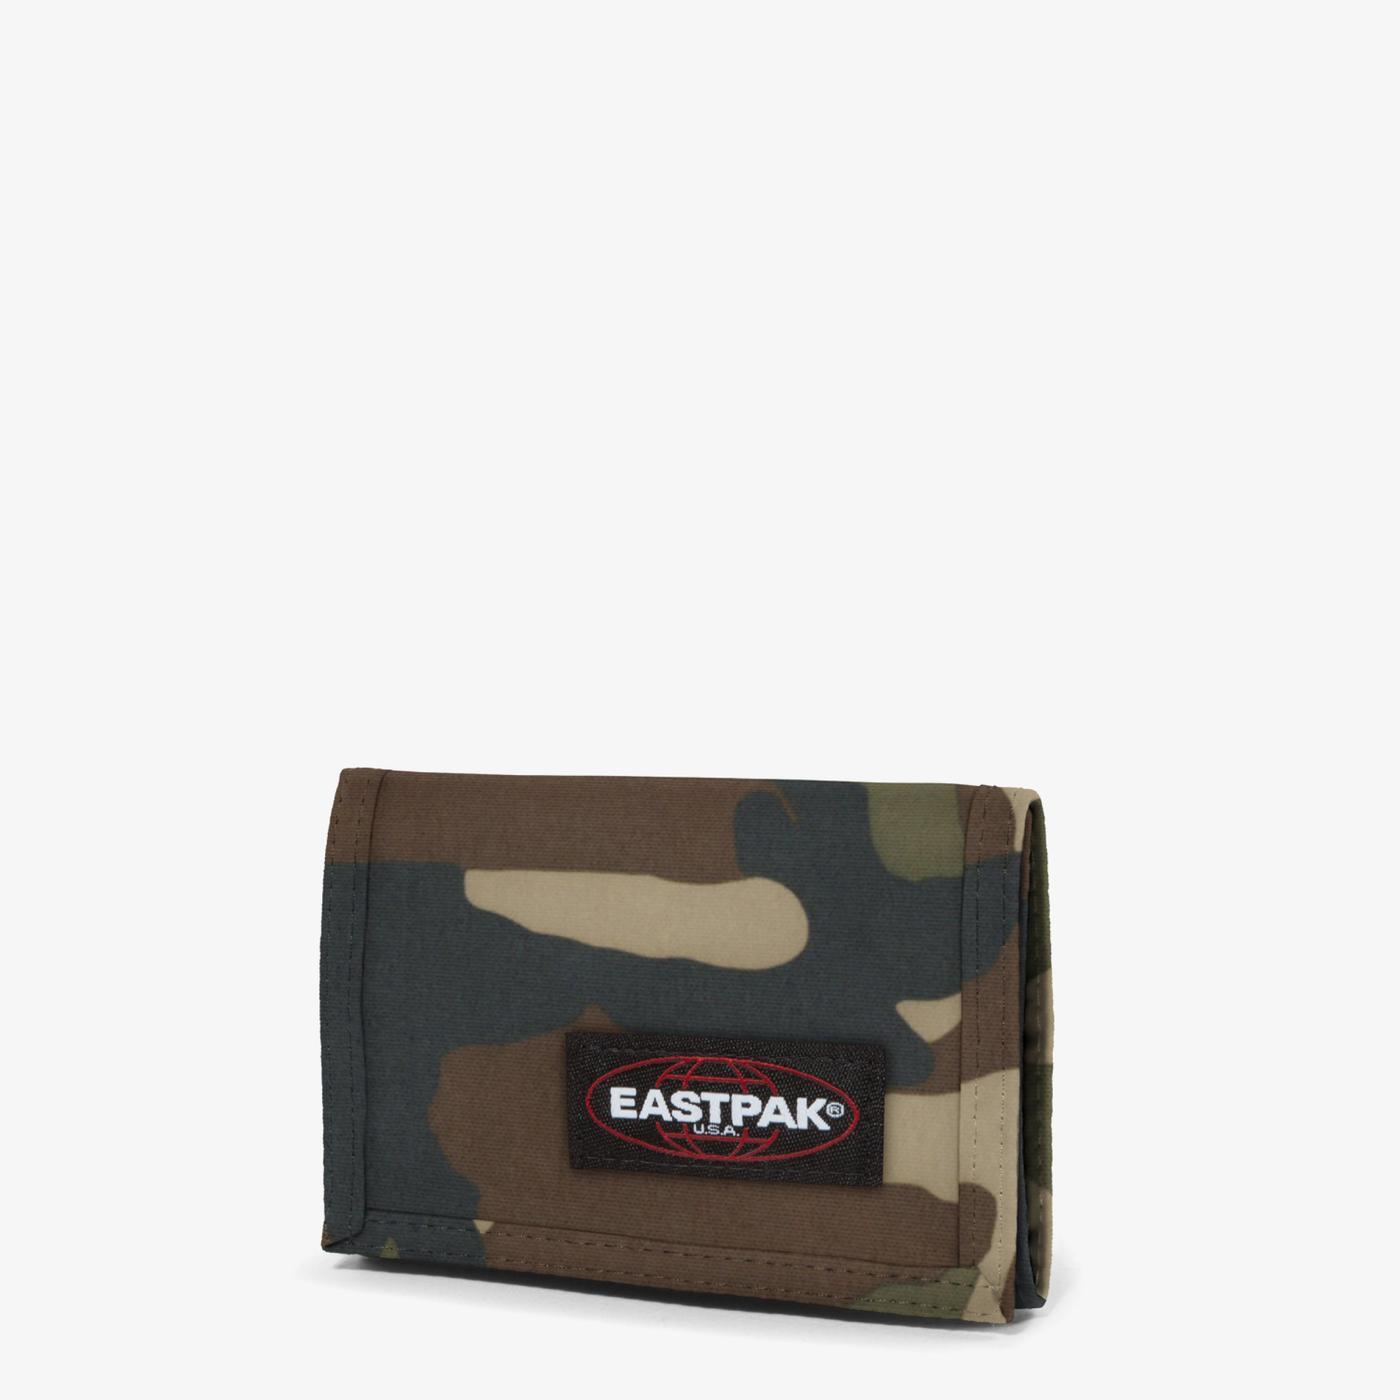 Eastpak Crew Single Unisex Yeşil Cüzdan